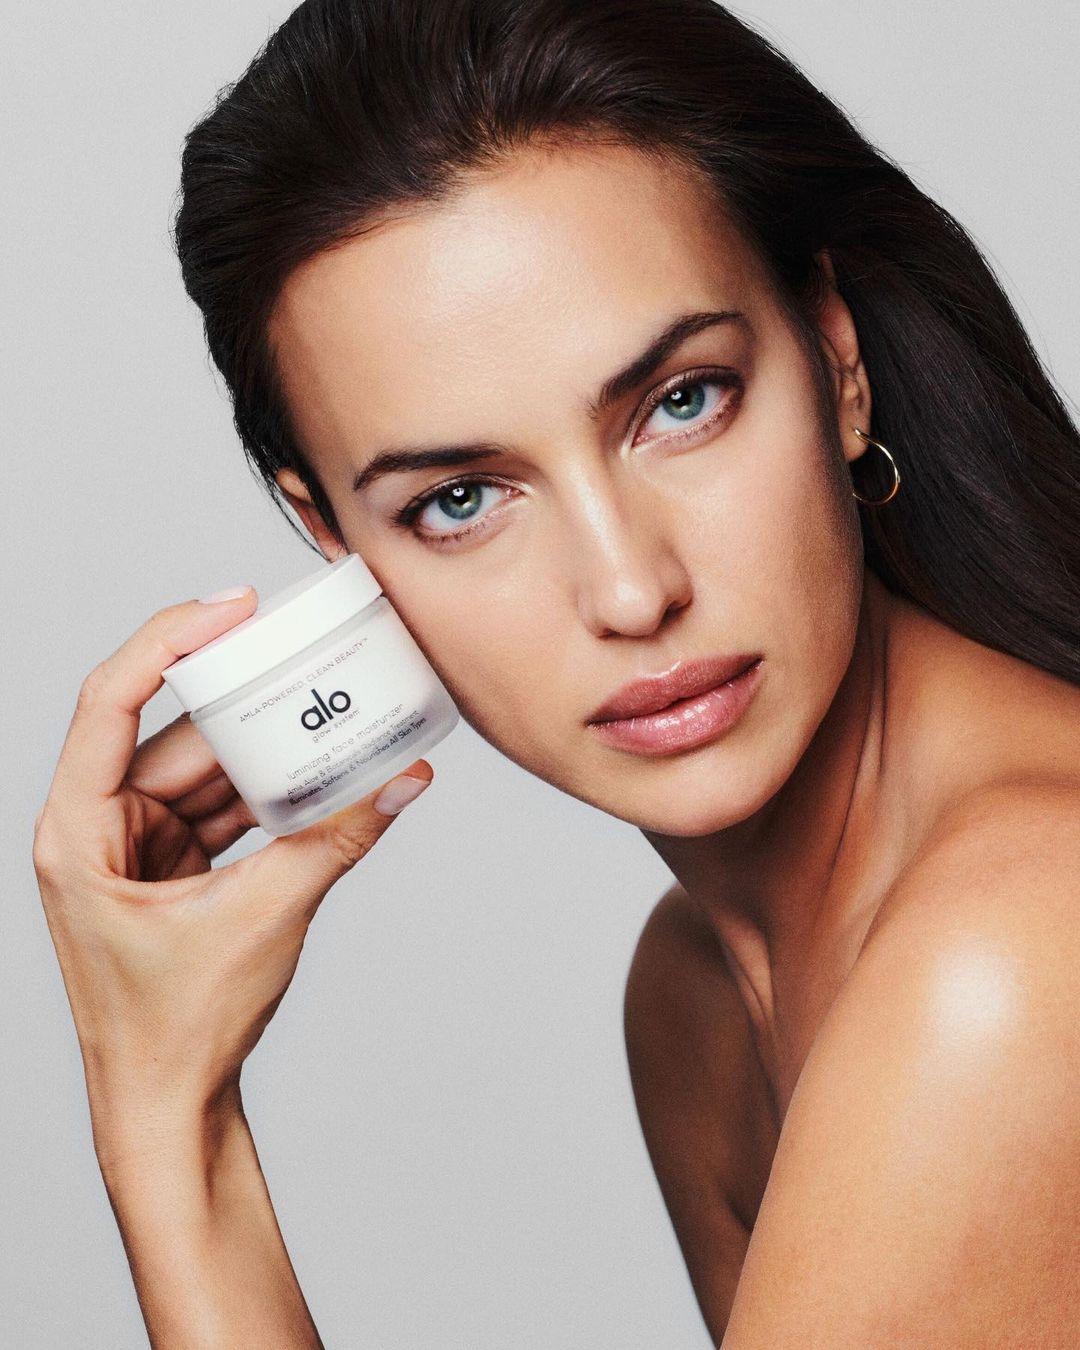 Ирина Шейк снялась топлес в новой рекламной кампании (ФОТО) - фото №2